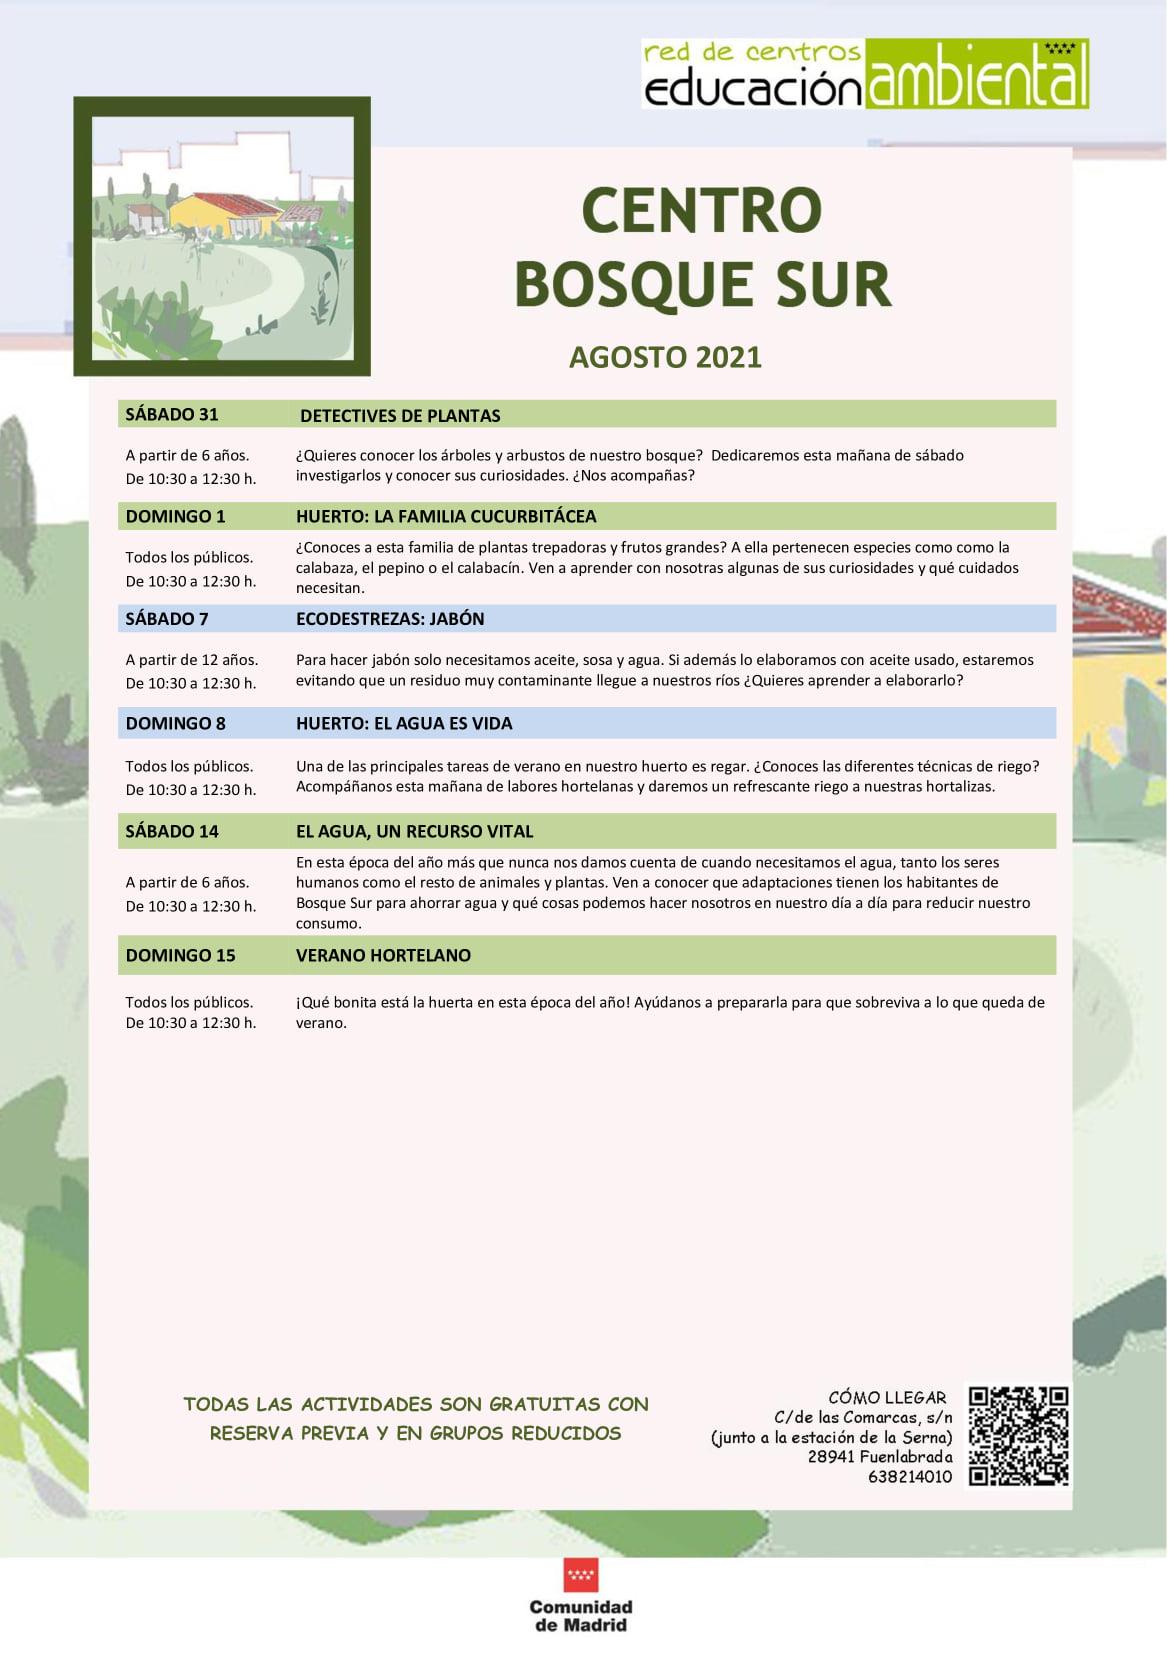 Programación en agosto 2021 en el CEA Polvoranca y Bosque Sur